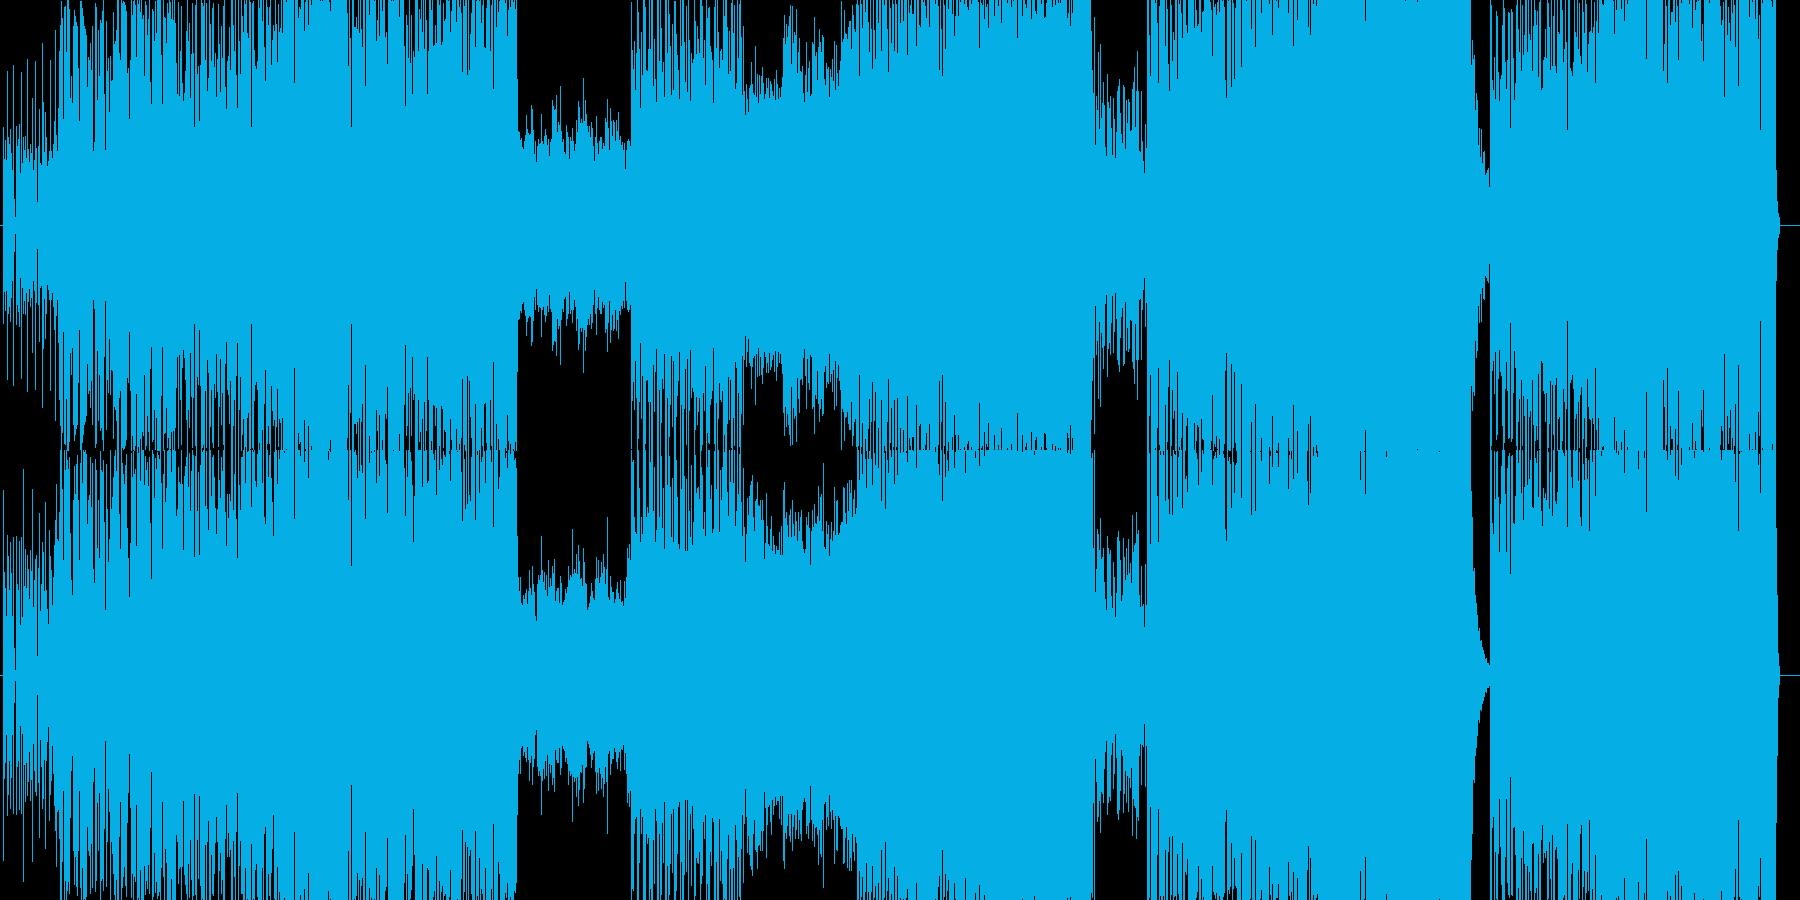 ドラマチックな展開の壮大な曲の再生済みの波形